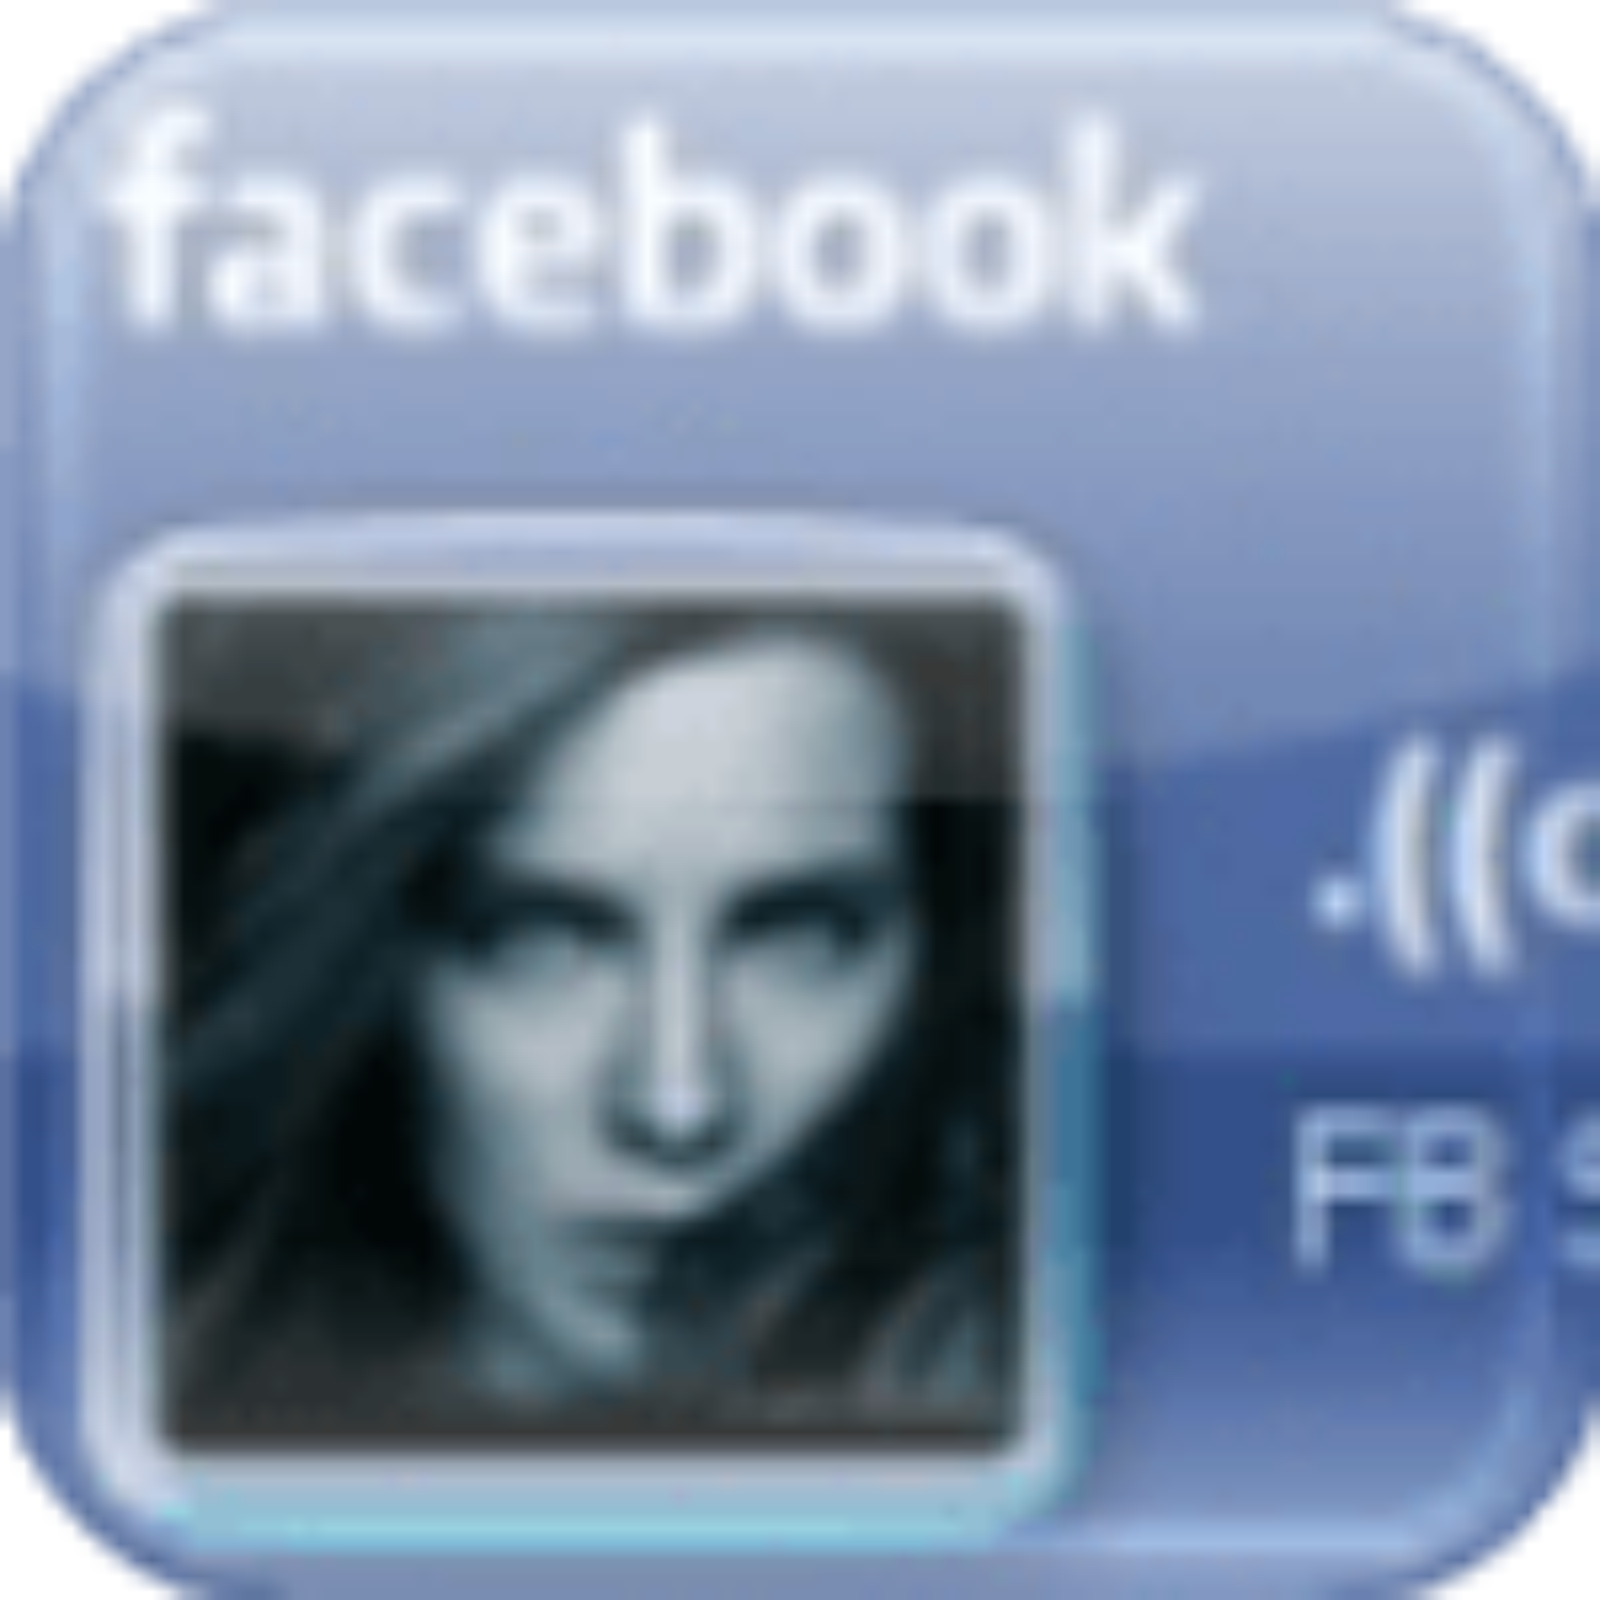 Facebook skin para Messenger 8.5 1.1